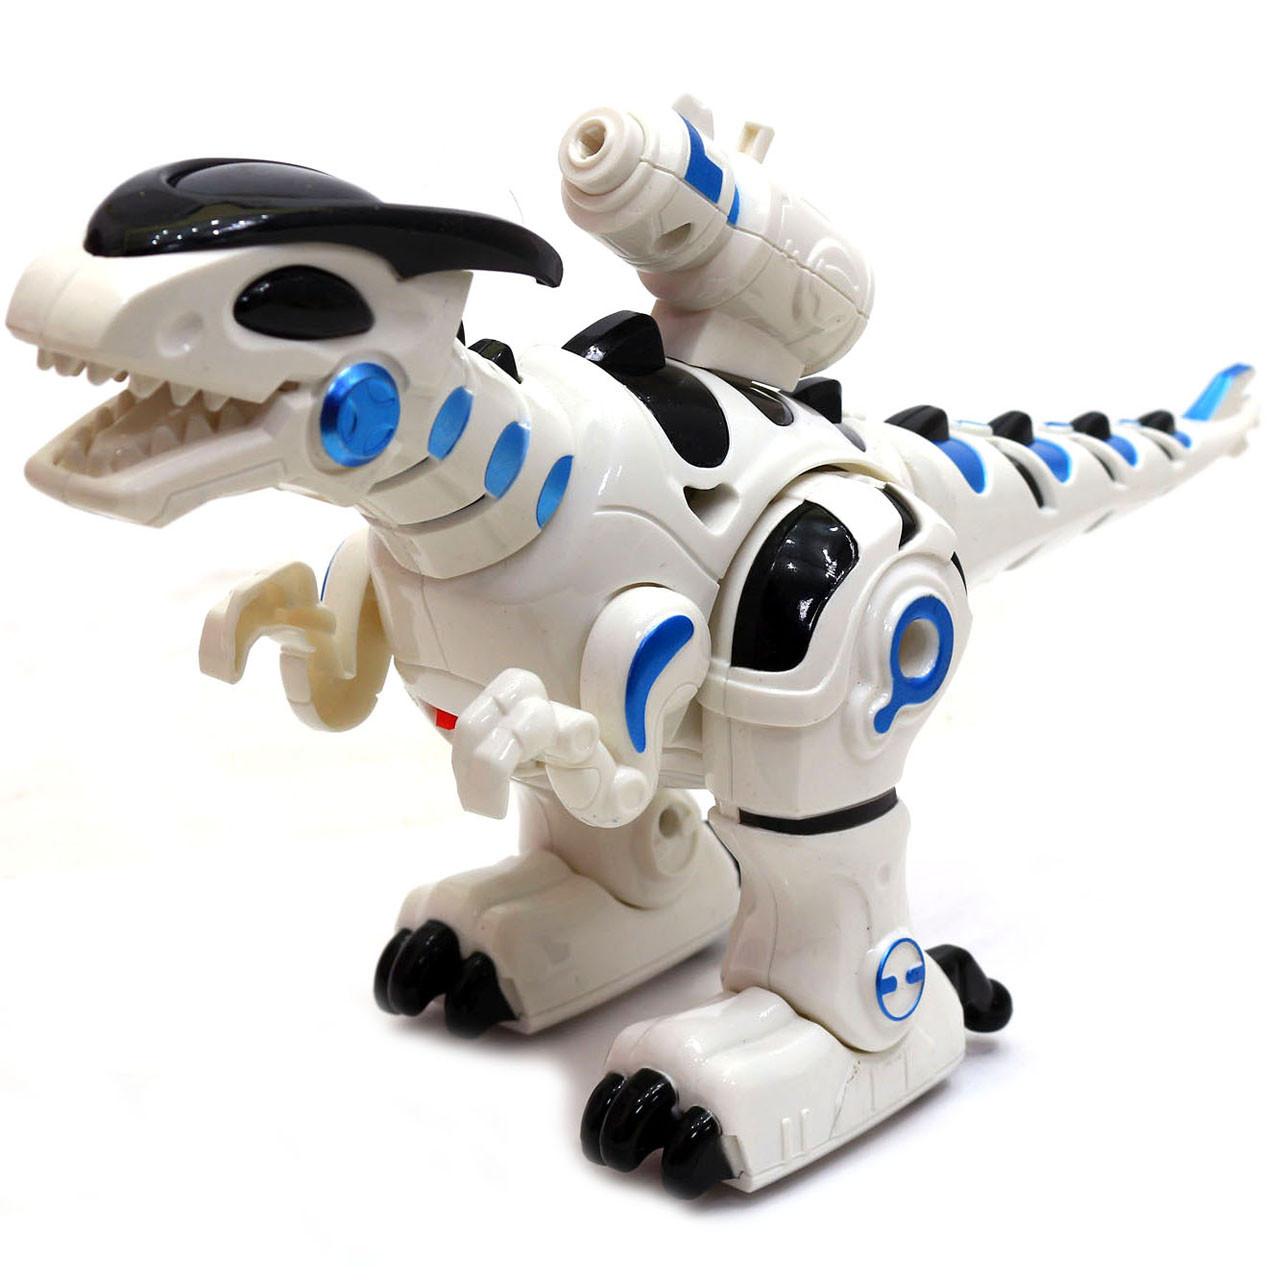 Іграшковий Динозавр Zhang Han музичний з ефектами (0830)